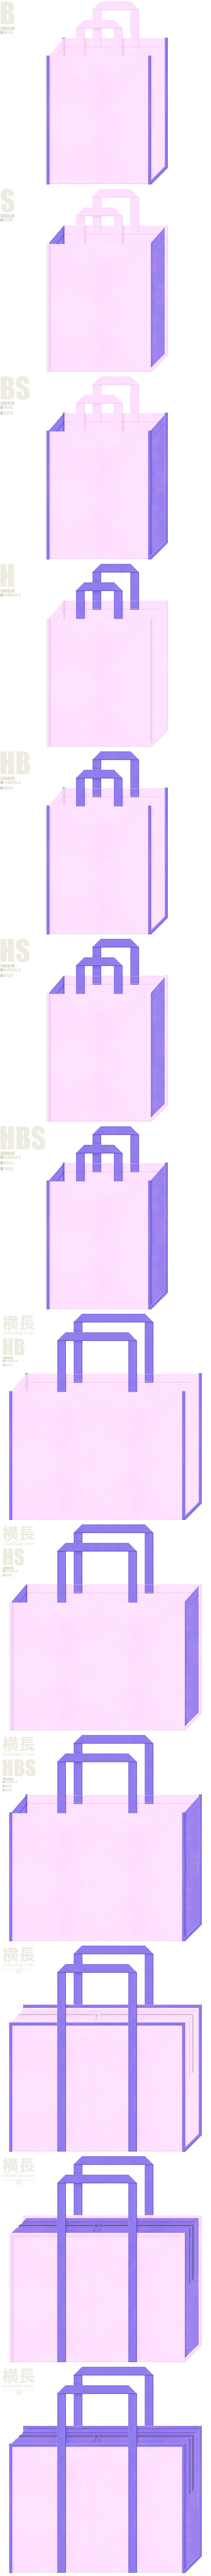 保育・福祉・介護・医療・ドリーミー・プリティー・ファンシー・プリンセス・マーメイド・パステルカラー・ガーリーデザインにお奨めの不織布バッグデザイン:明るいピンク色と薄紫色の配色7パターン。